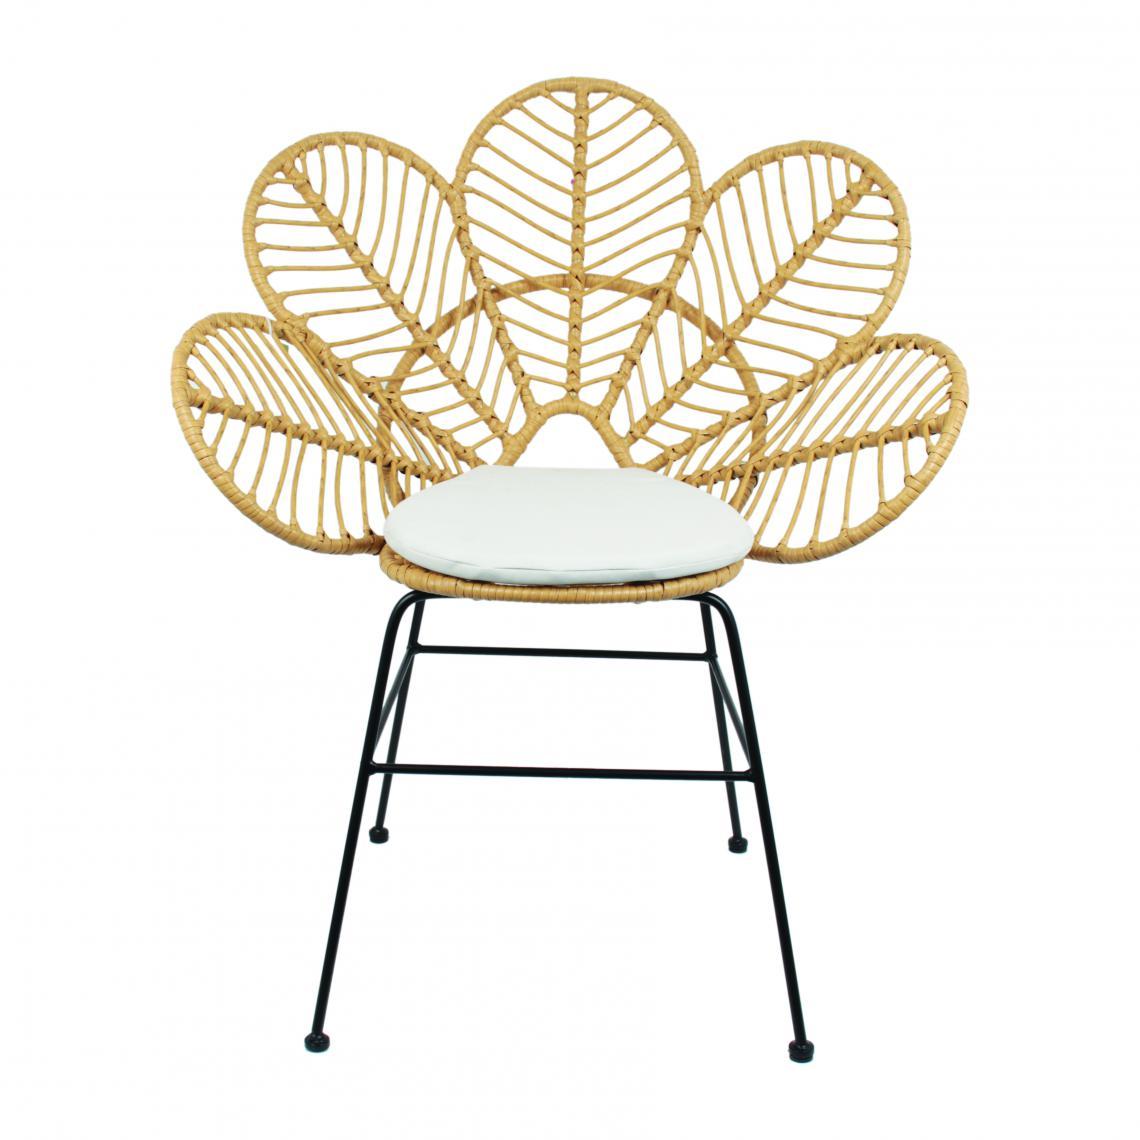 La chaise longue Fauteuil Fleur